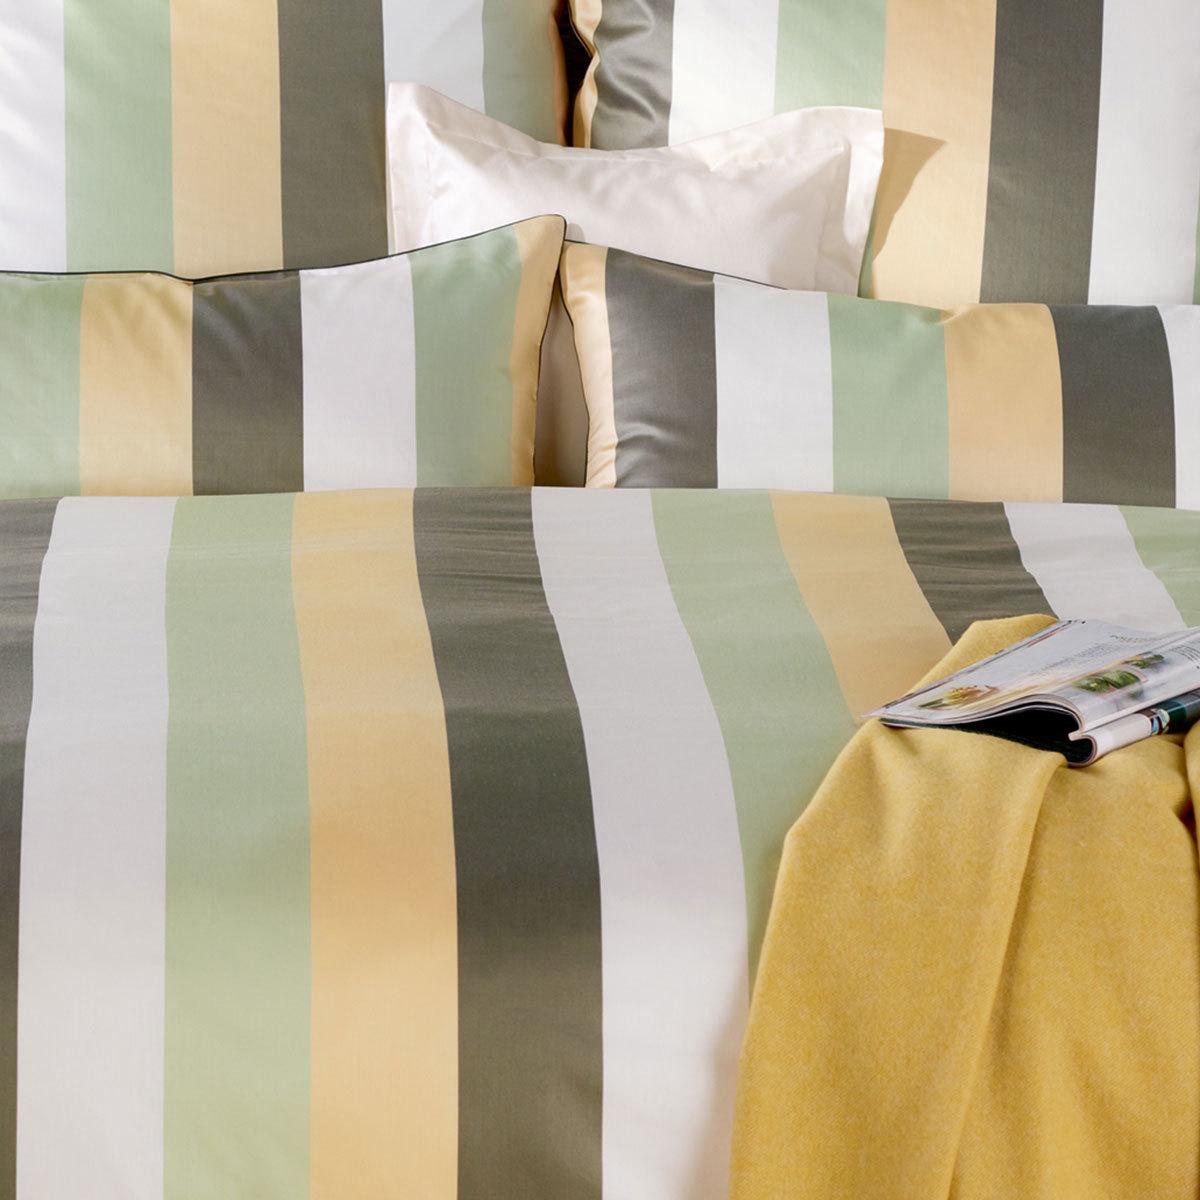 curt bauer mako brokat damast bettw sche montpellier jade gelb g nstig online kaufen bei. Black Bedroom Furniture Sets. Home Design Ideas